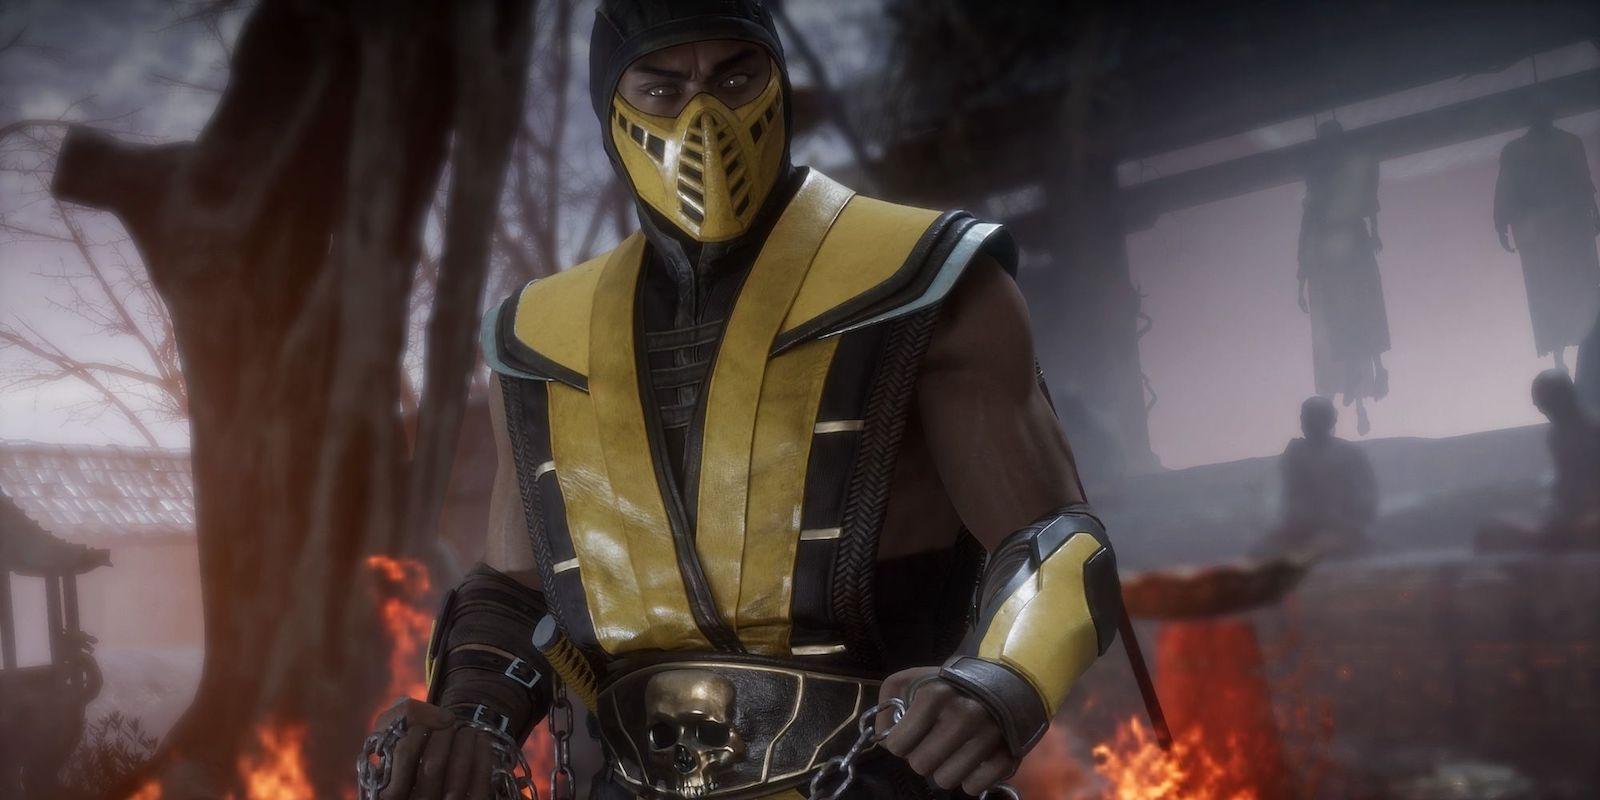 Hiroyuki Sanada as Scorpion in Mortal Kombat (2021)